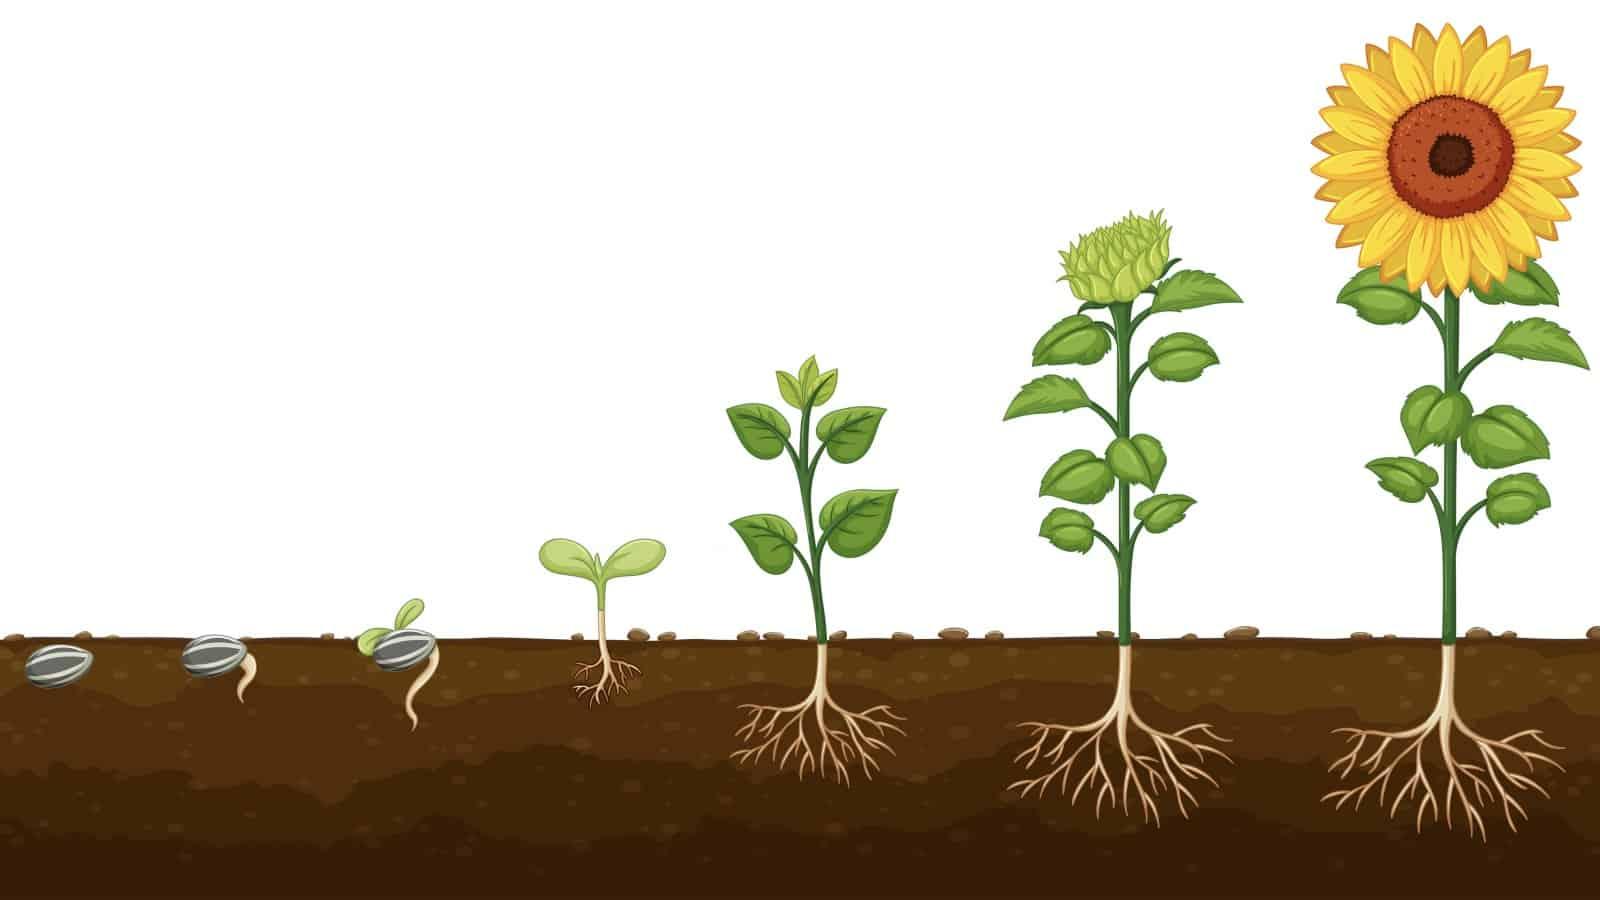 Fruchtbarer Boden: Aus dem Samen sprießt die Pflanze